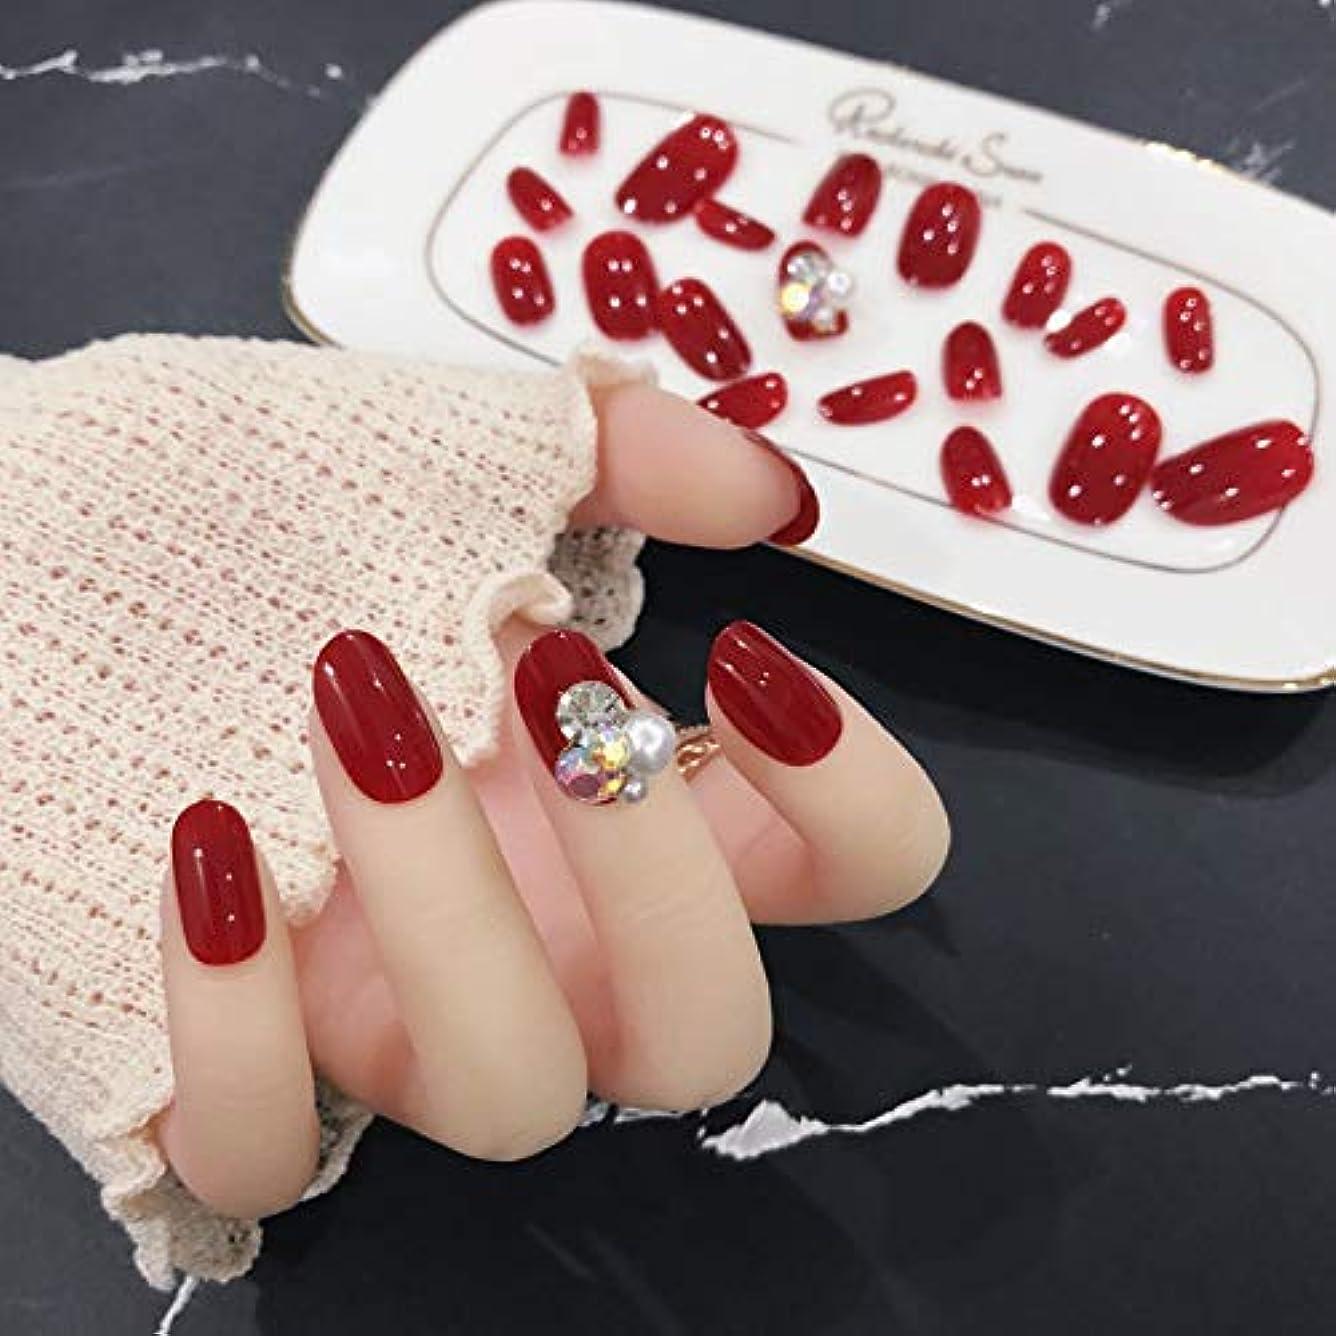 家事十年を除く24枚純色付け爪 合成ダイヤモンド、パール装飾 ネイル貼るだけネイルチップ お花嫁付け爪